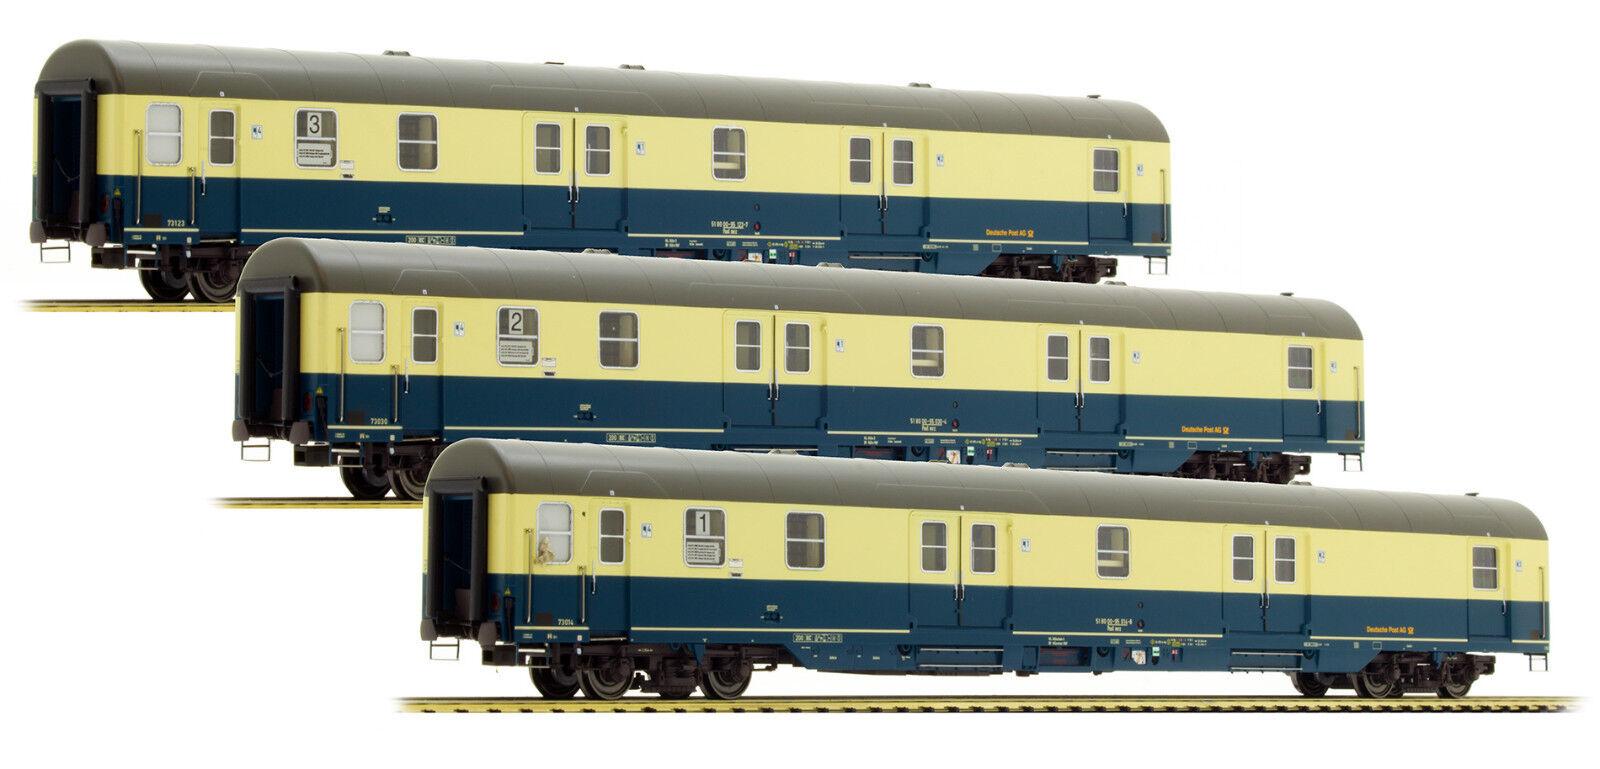 Ls Models 46300 3tlg. post marzo + marzo + marzo, océano azul beige, dt. post ag, EP. V neuhei